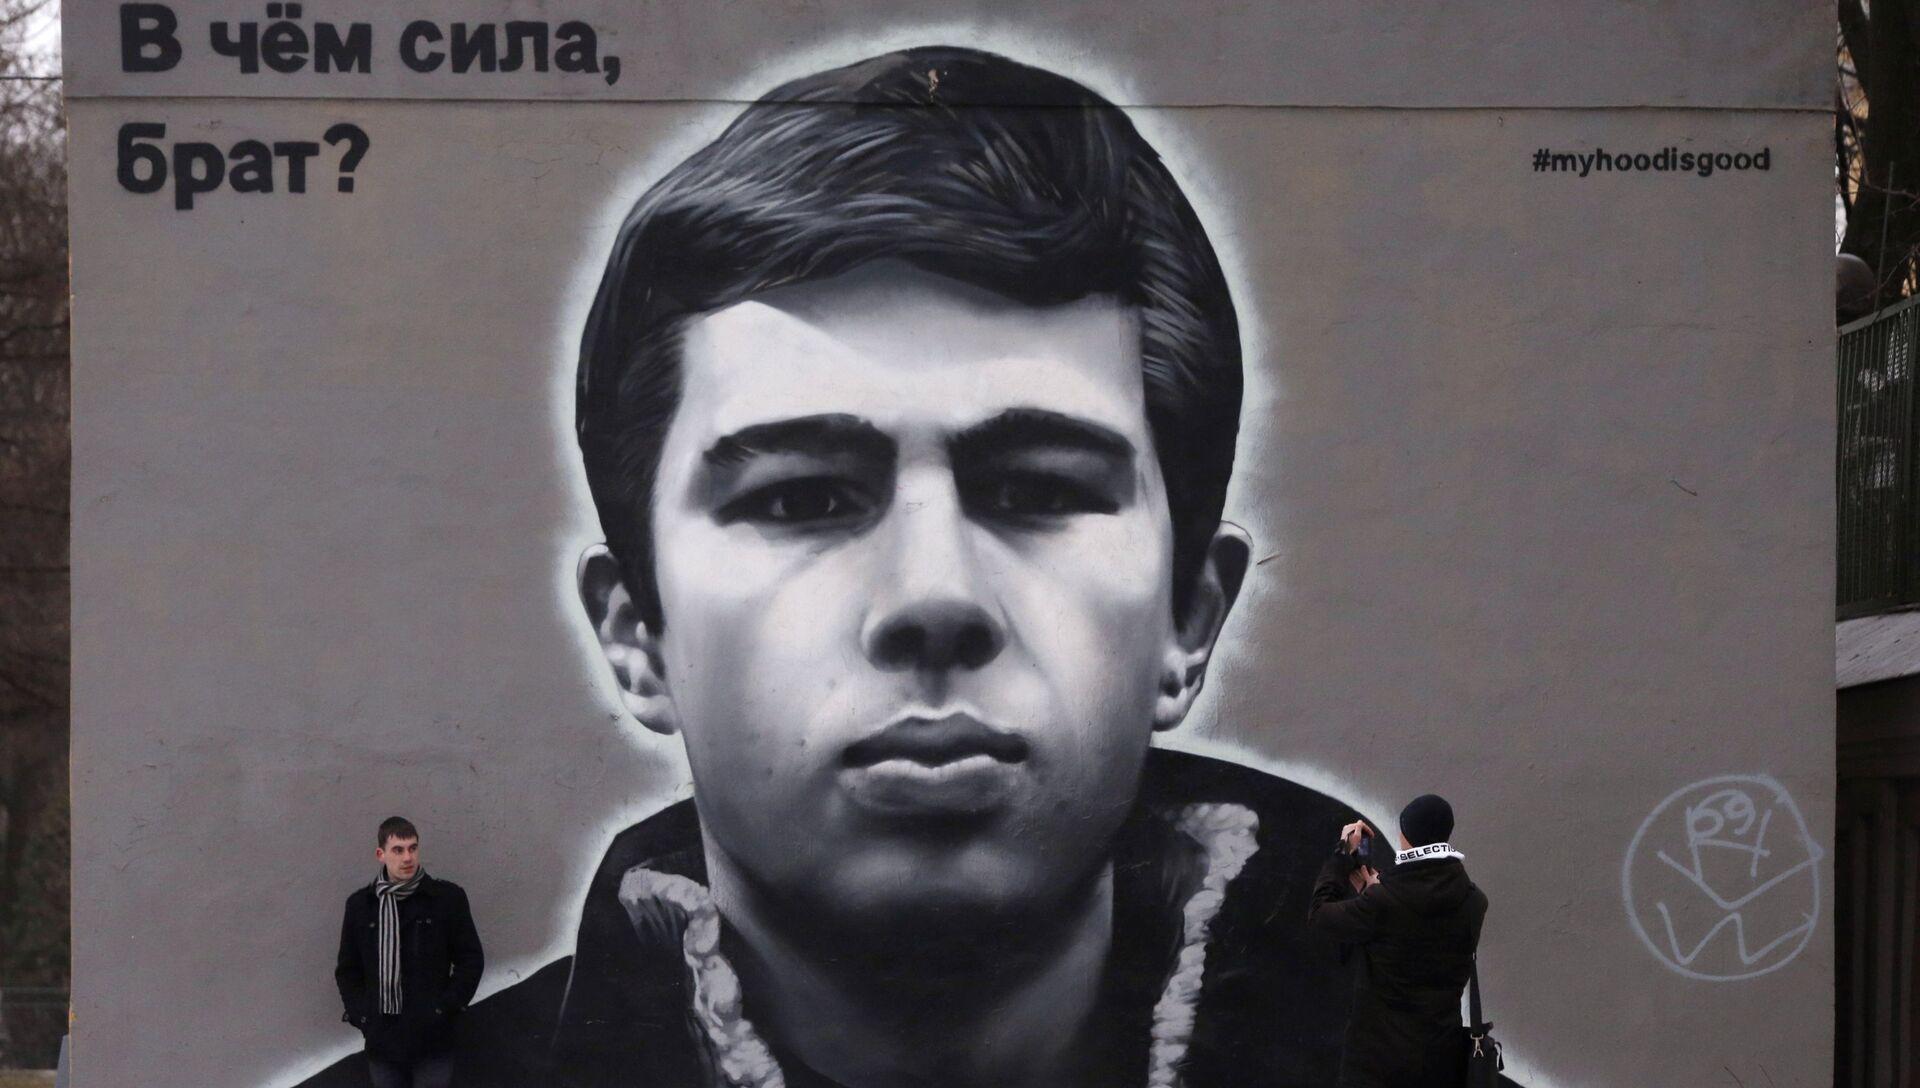 Живопись на стенах домов в Санкт-Петербурге - РИА Новости, 1920, 27.12.2020